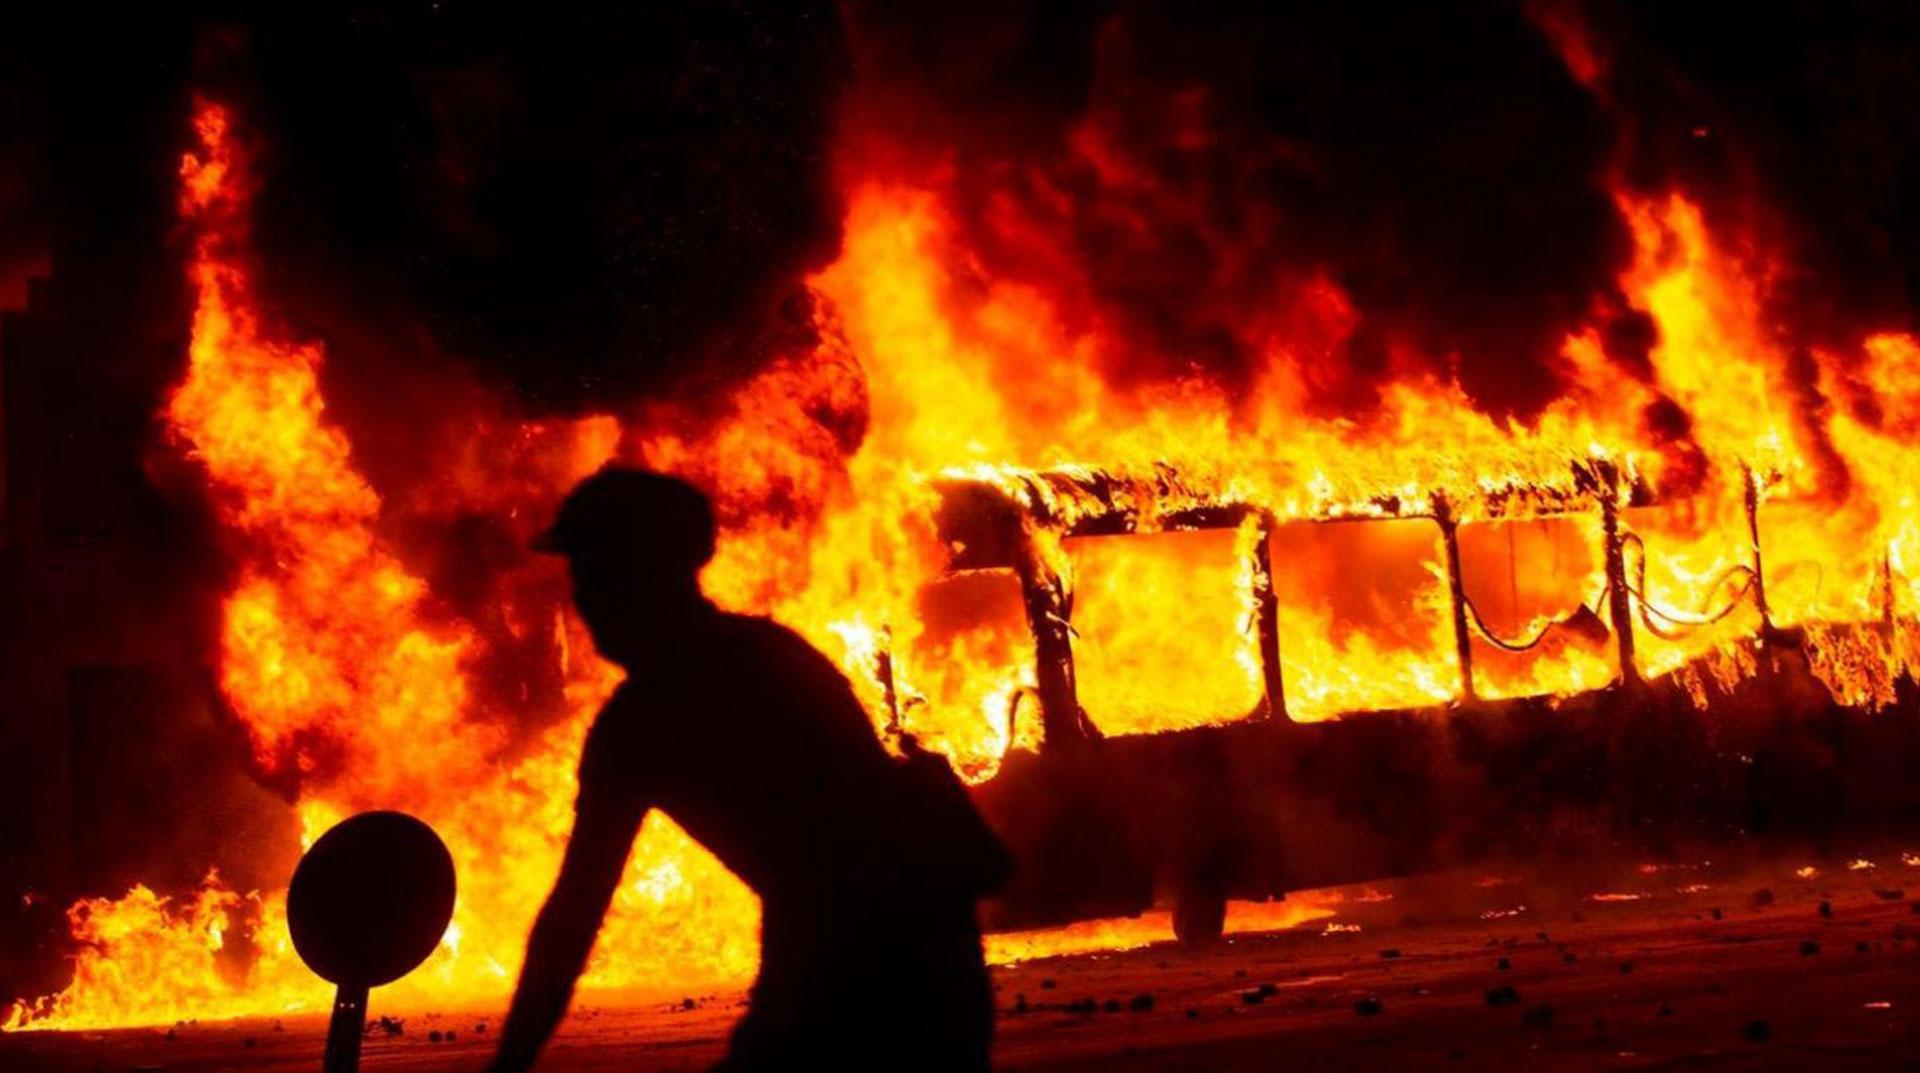 Şili'deki Durulmayan Hükümet Karşıtı Protestolar 18. Gününde